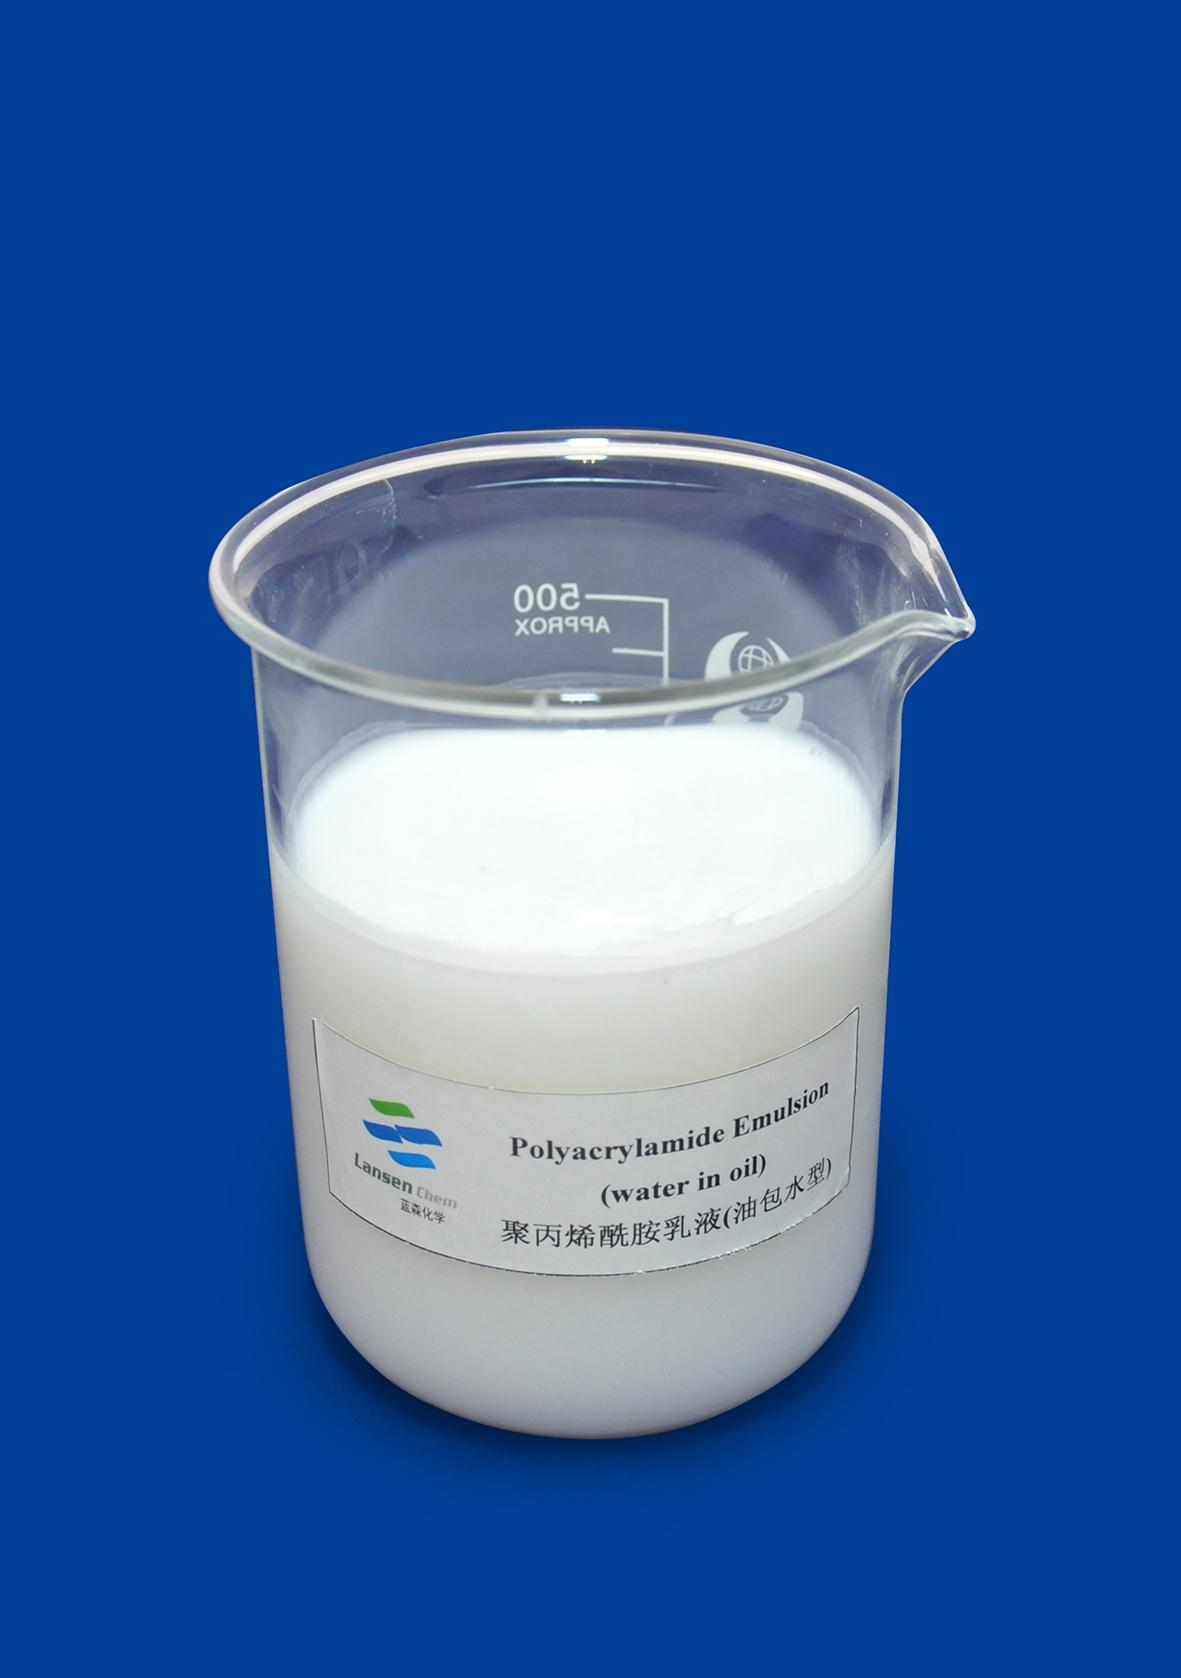 田鑫化工 -- 聚丙烯酰胺乳液的種類與使用說明